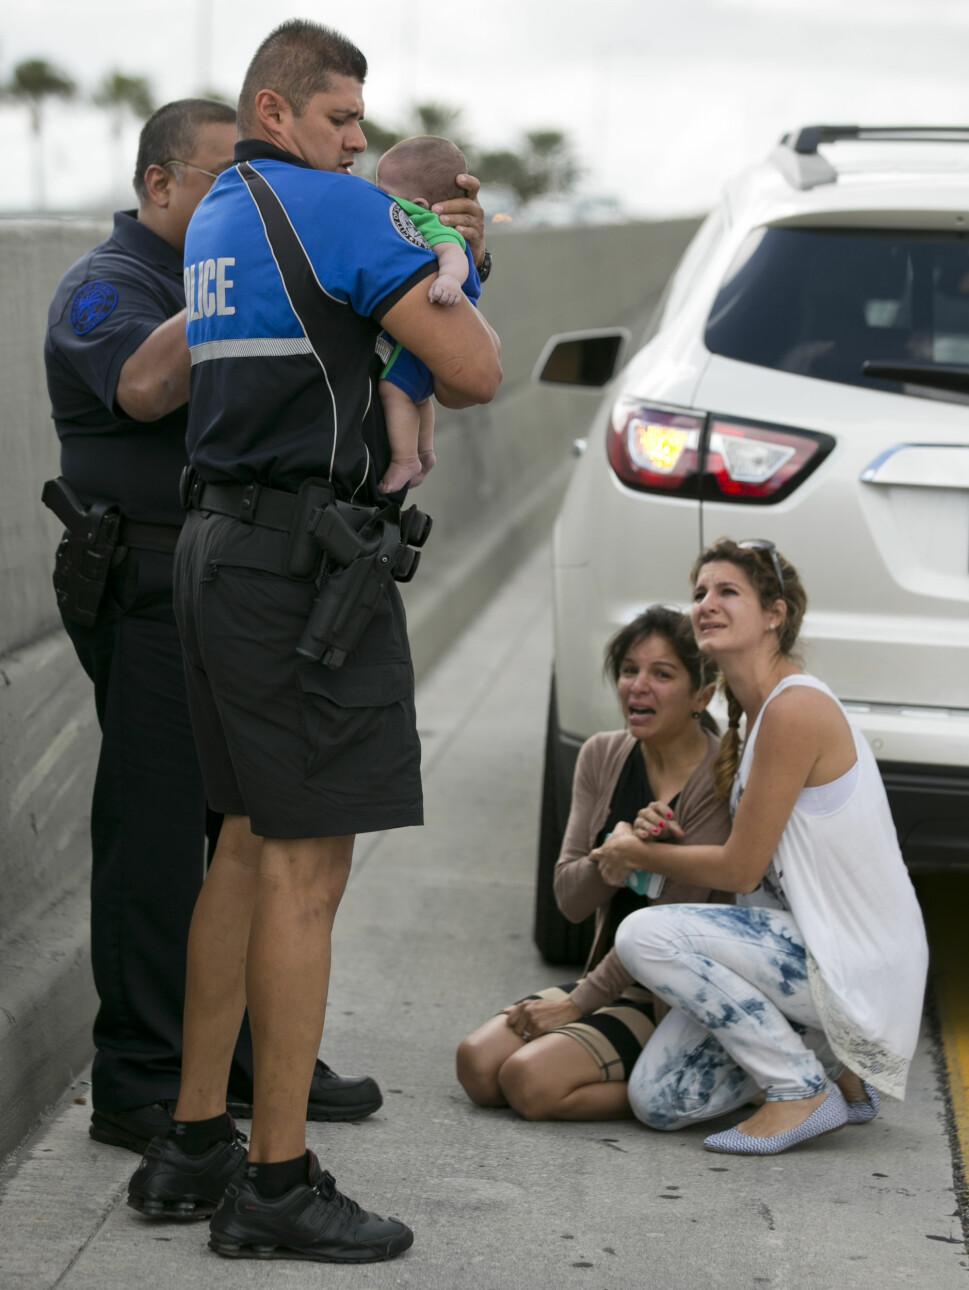 DRAMA LANGS MOTORVEIEN: Her holder politibetjent Amauris Bastidas den lille gutten mens de venter på ambulansen. På bakken sitter en gråtende Pamela og får trøst av Lucila. Foto: Al Diaz/Miami Herald/AP